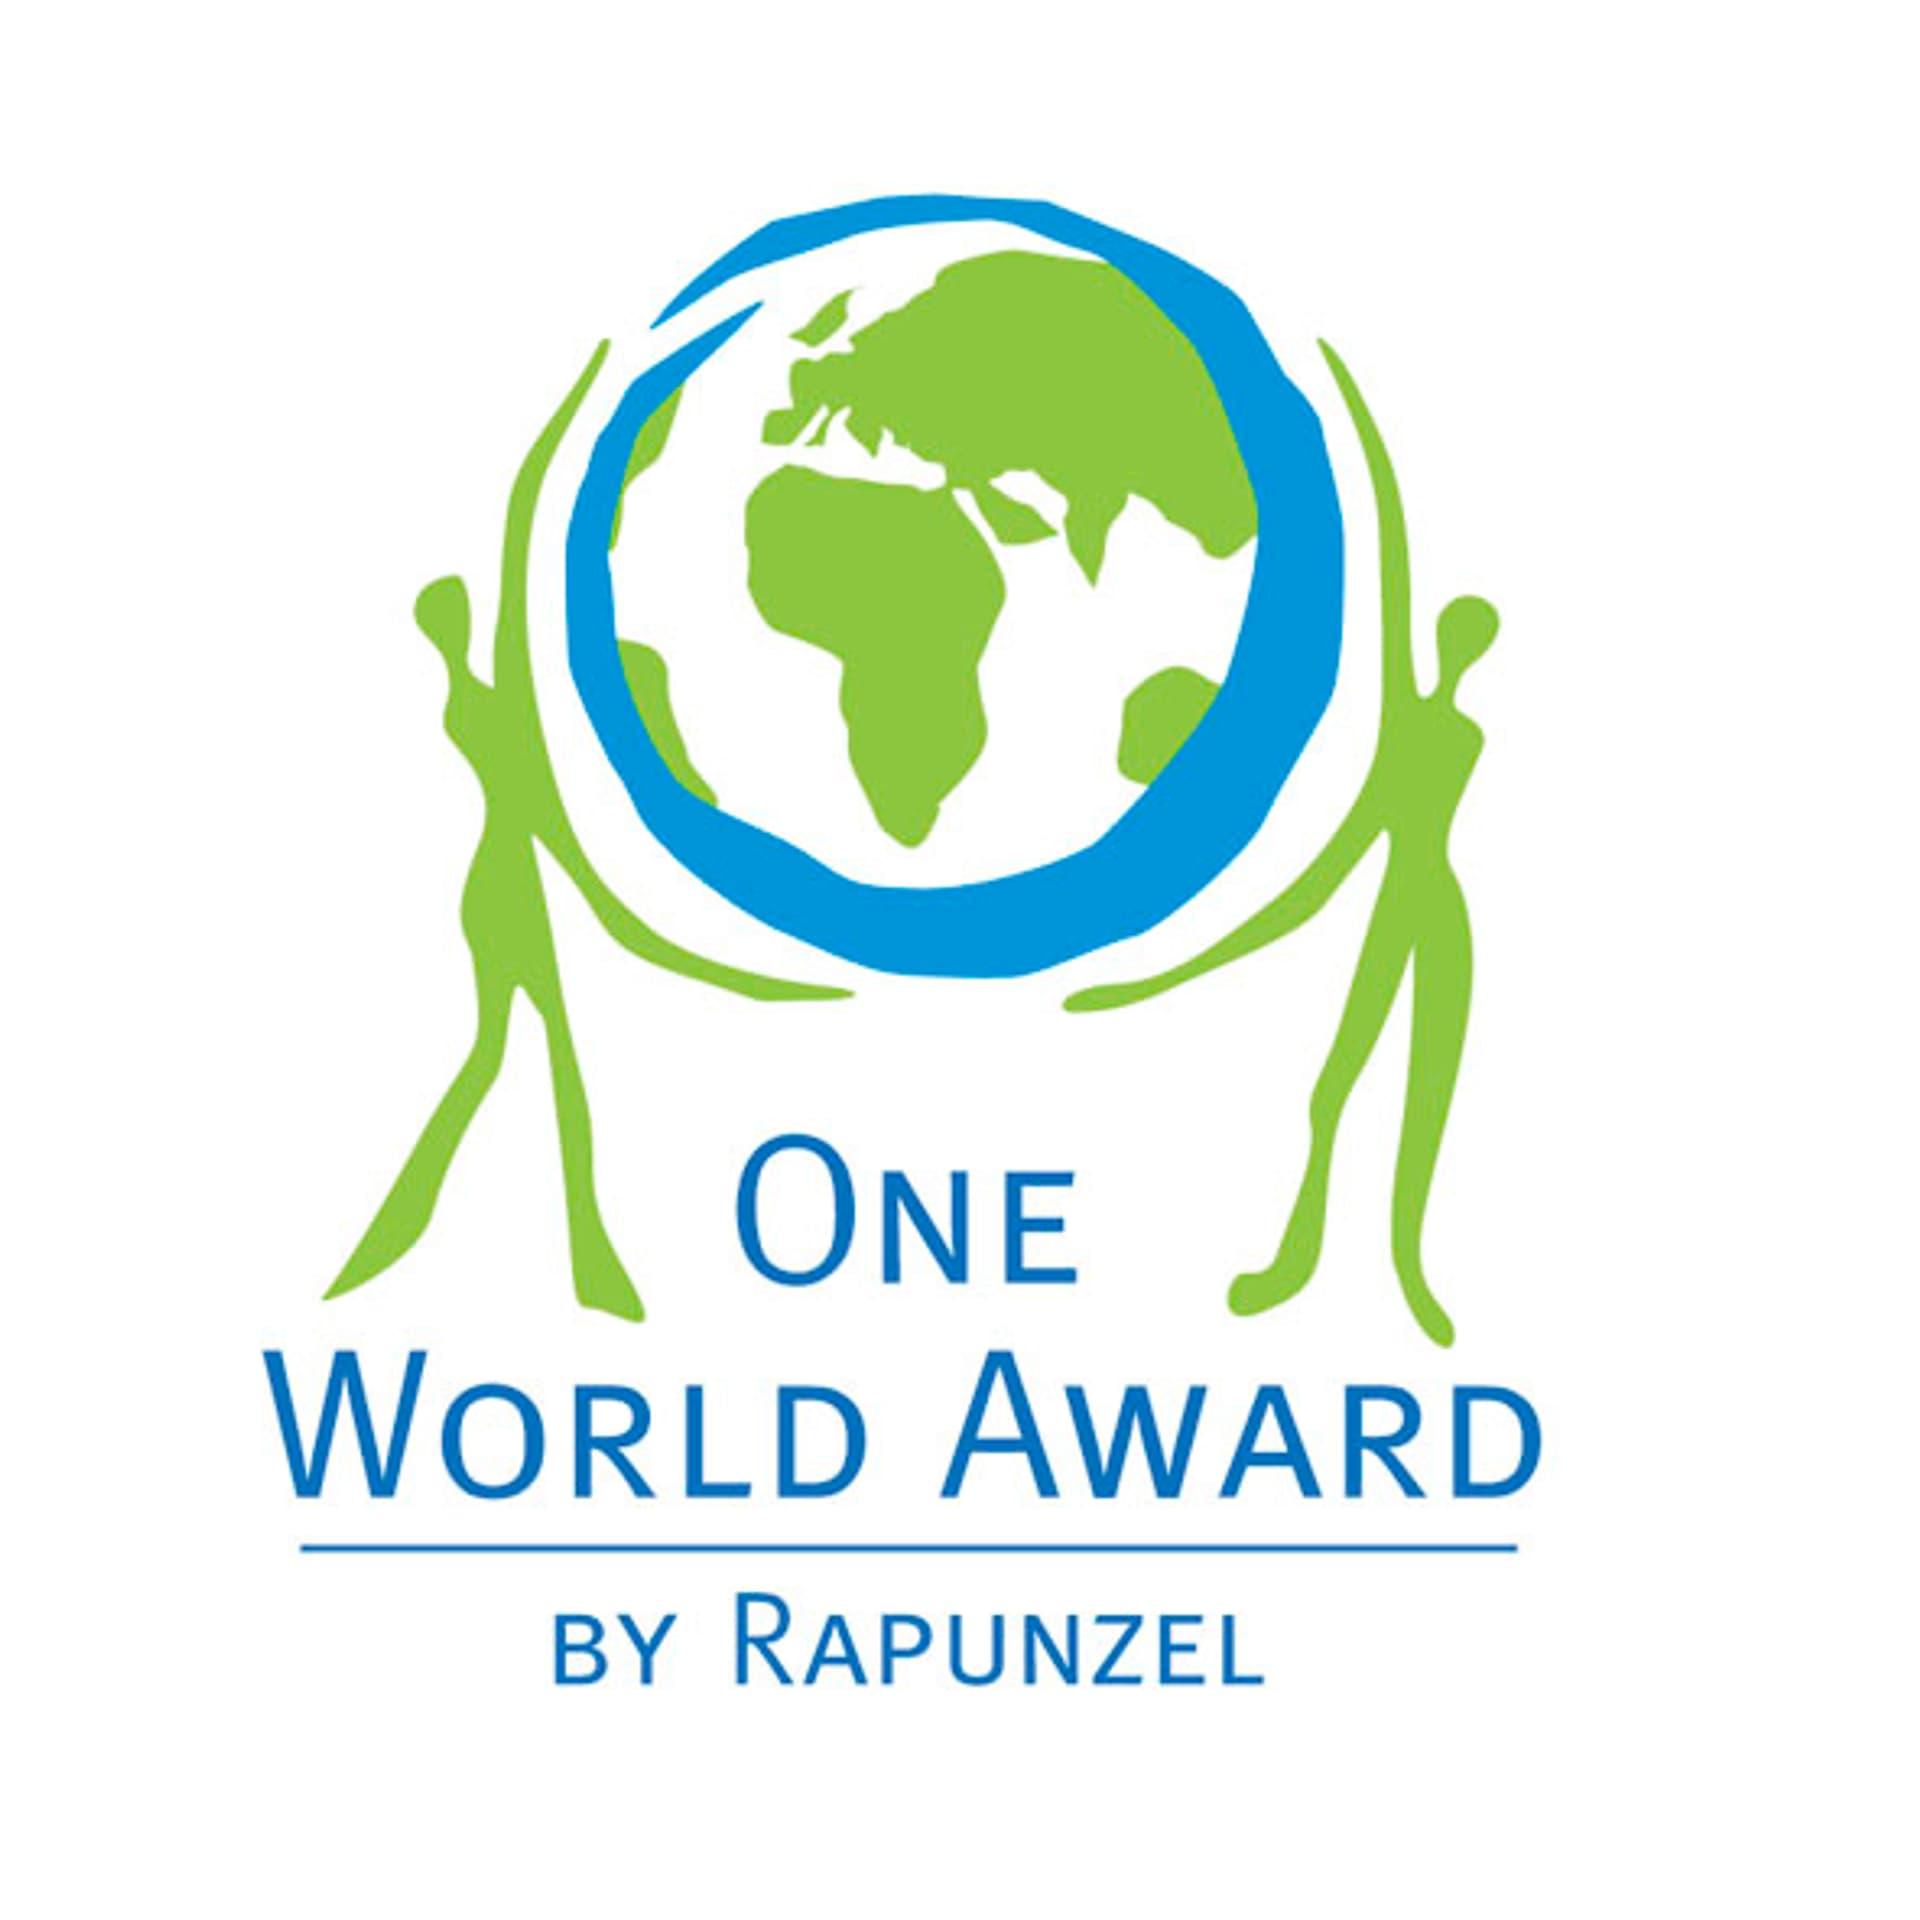 One World Award